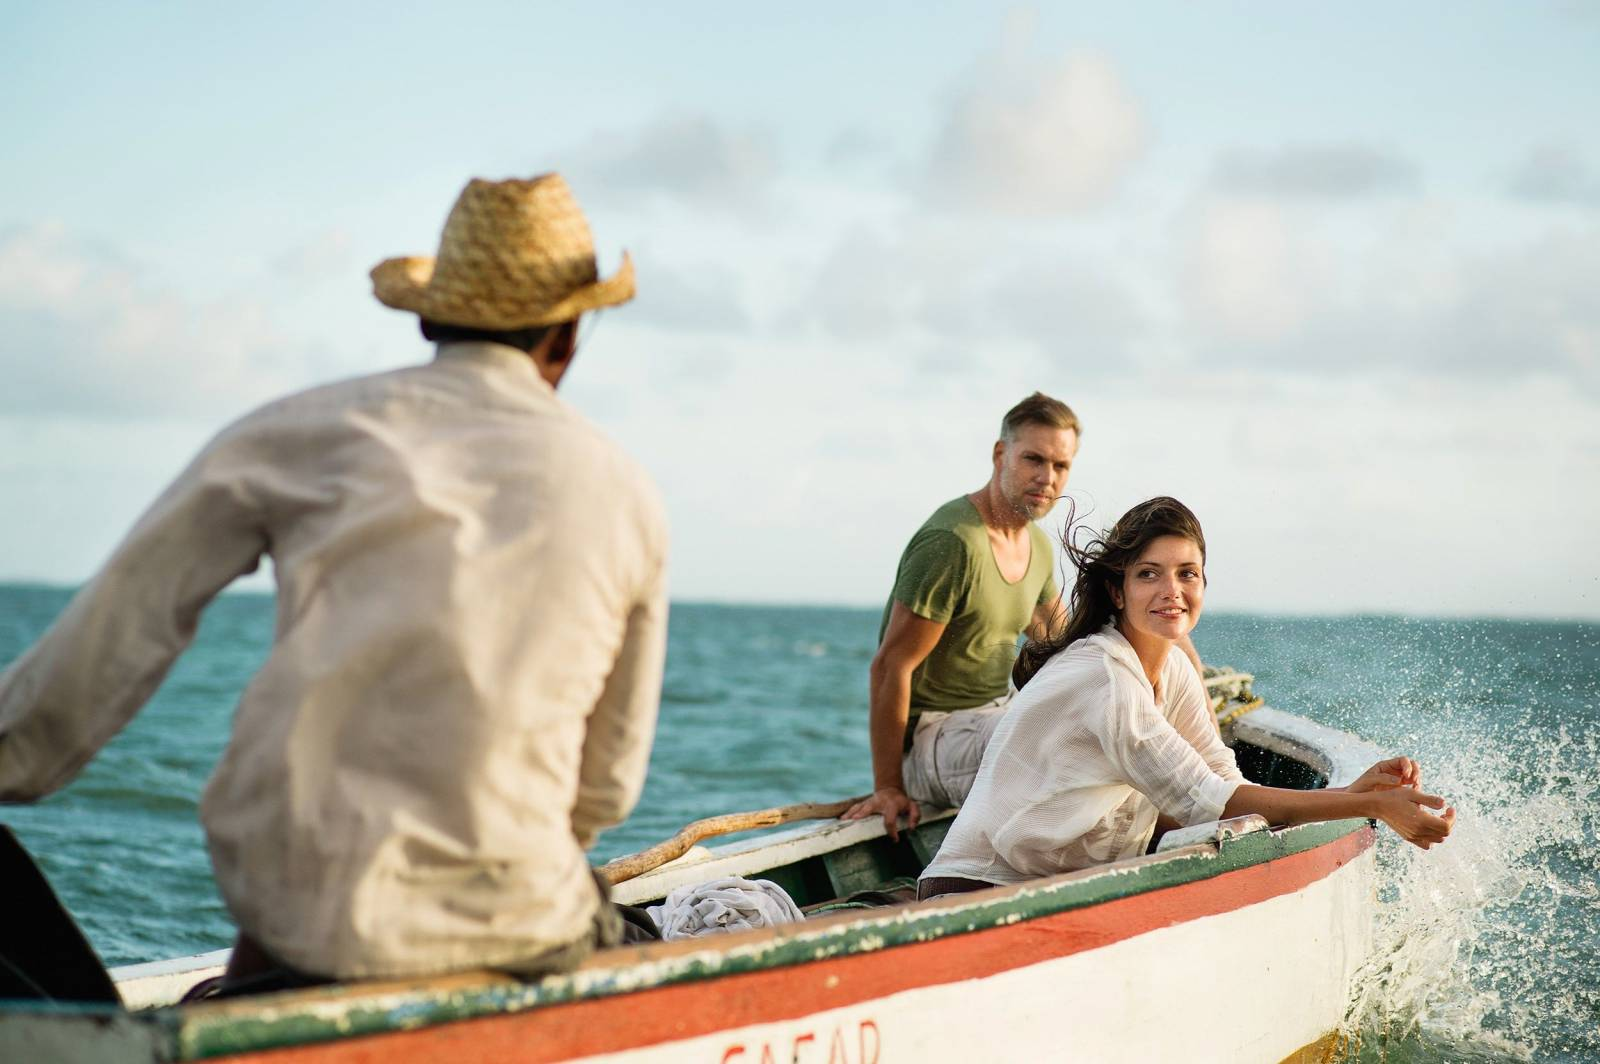 Reizen Staelens - Huwelijksreis - Honeymoon - House of Weddings - 40